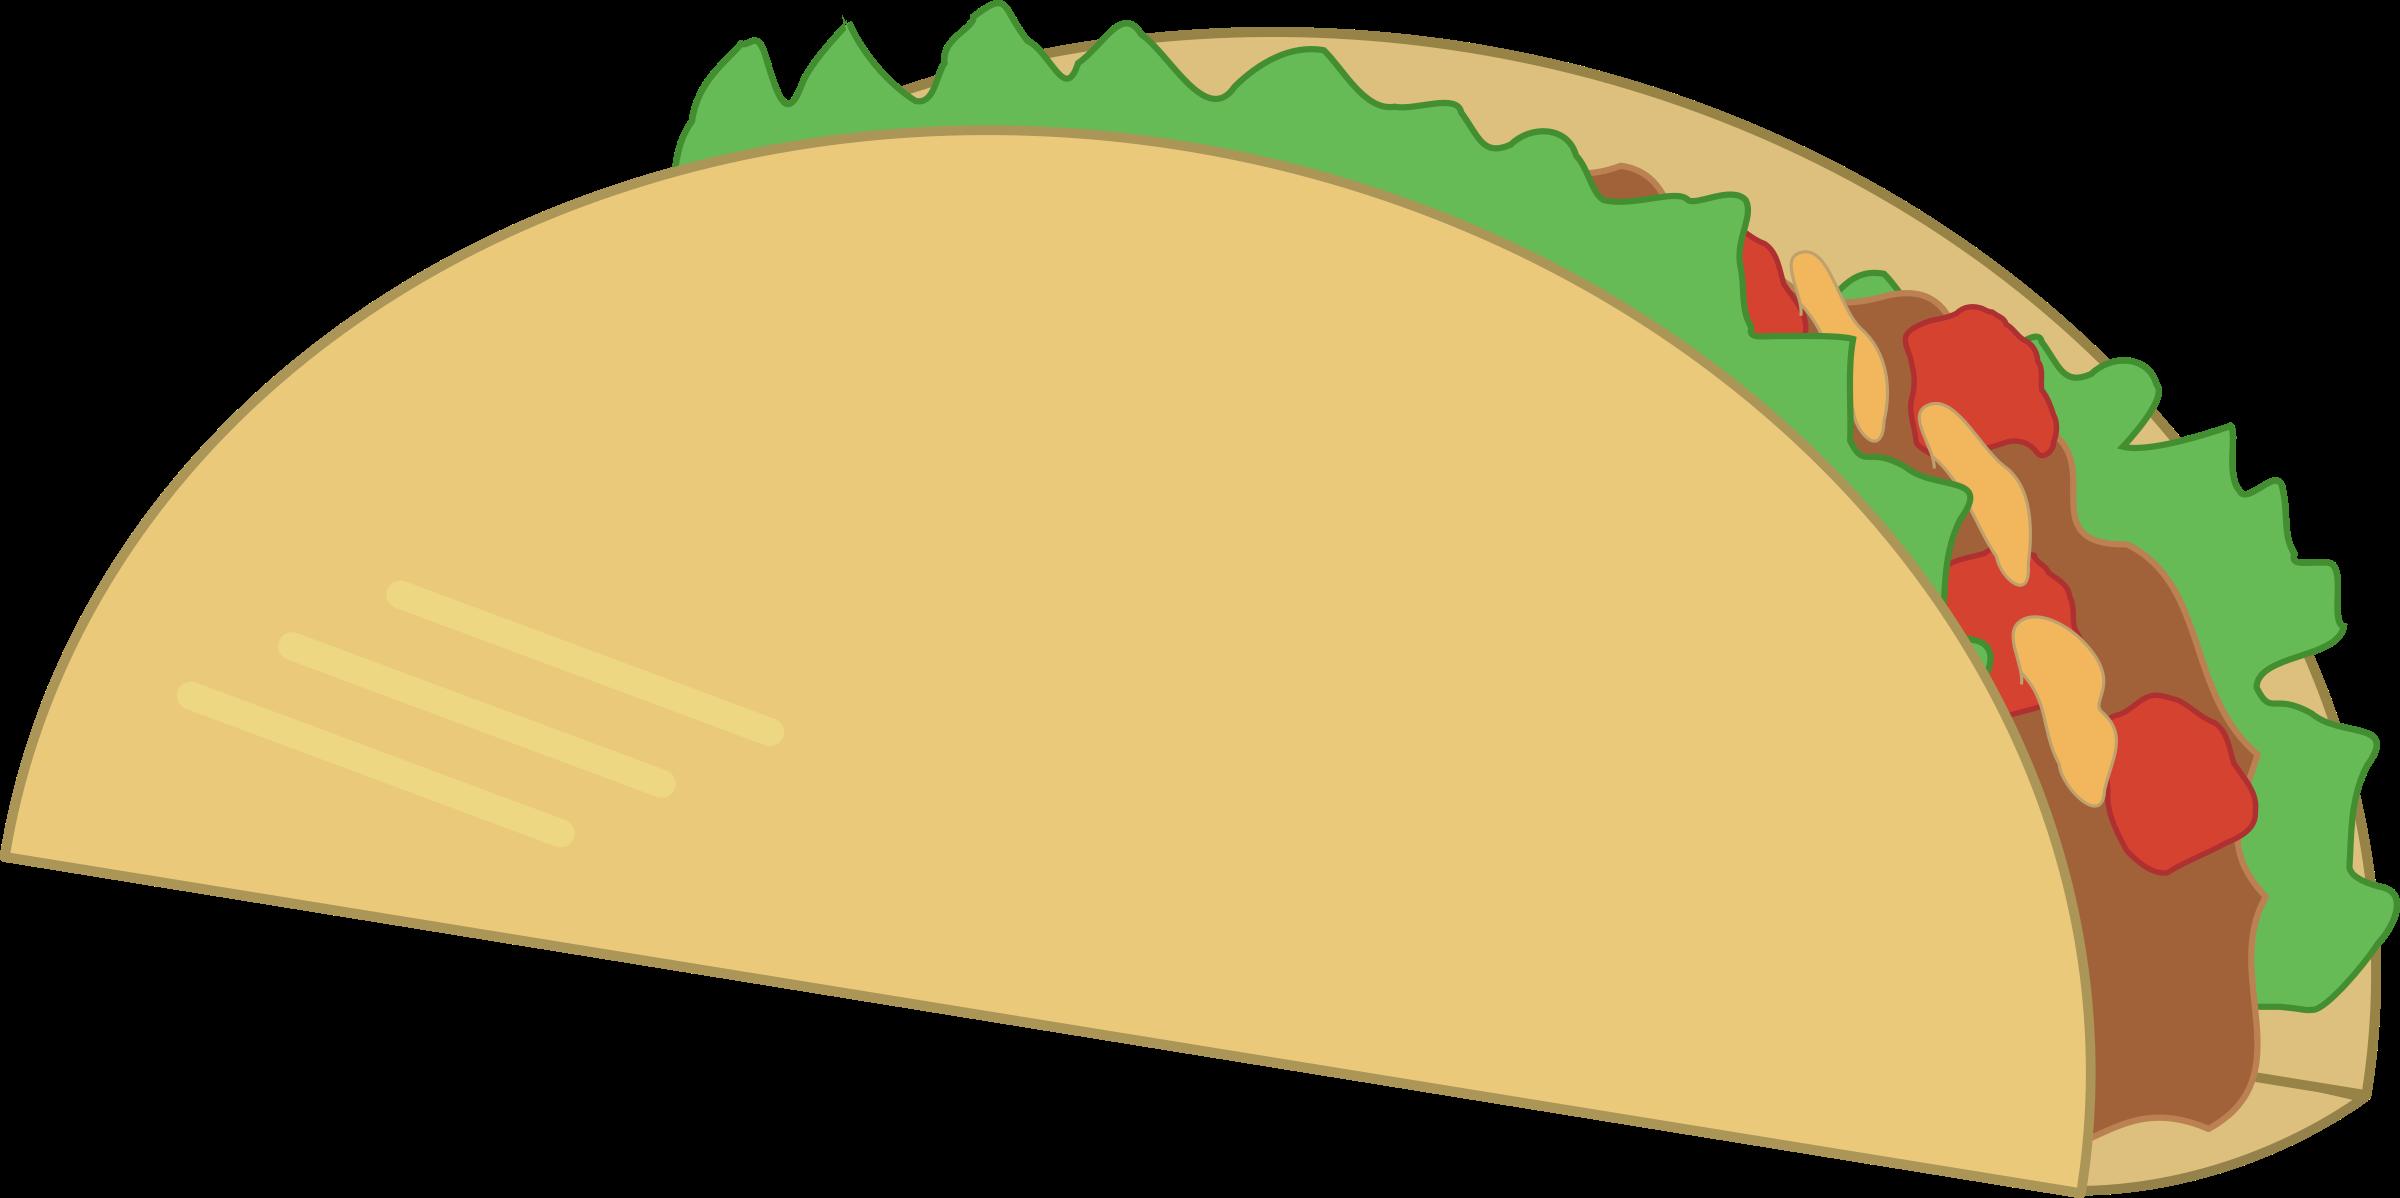 tacos clipart svg